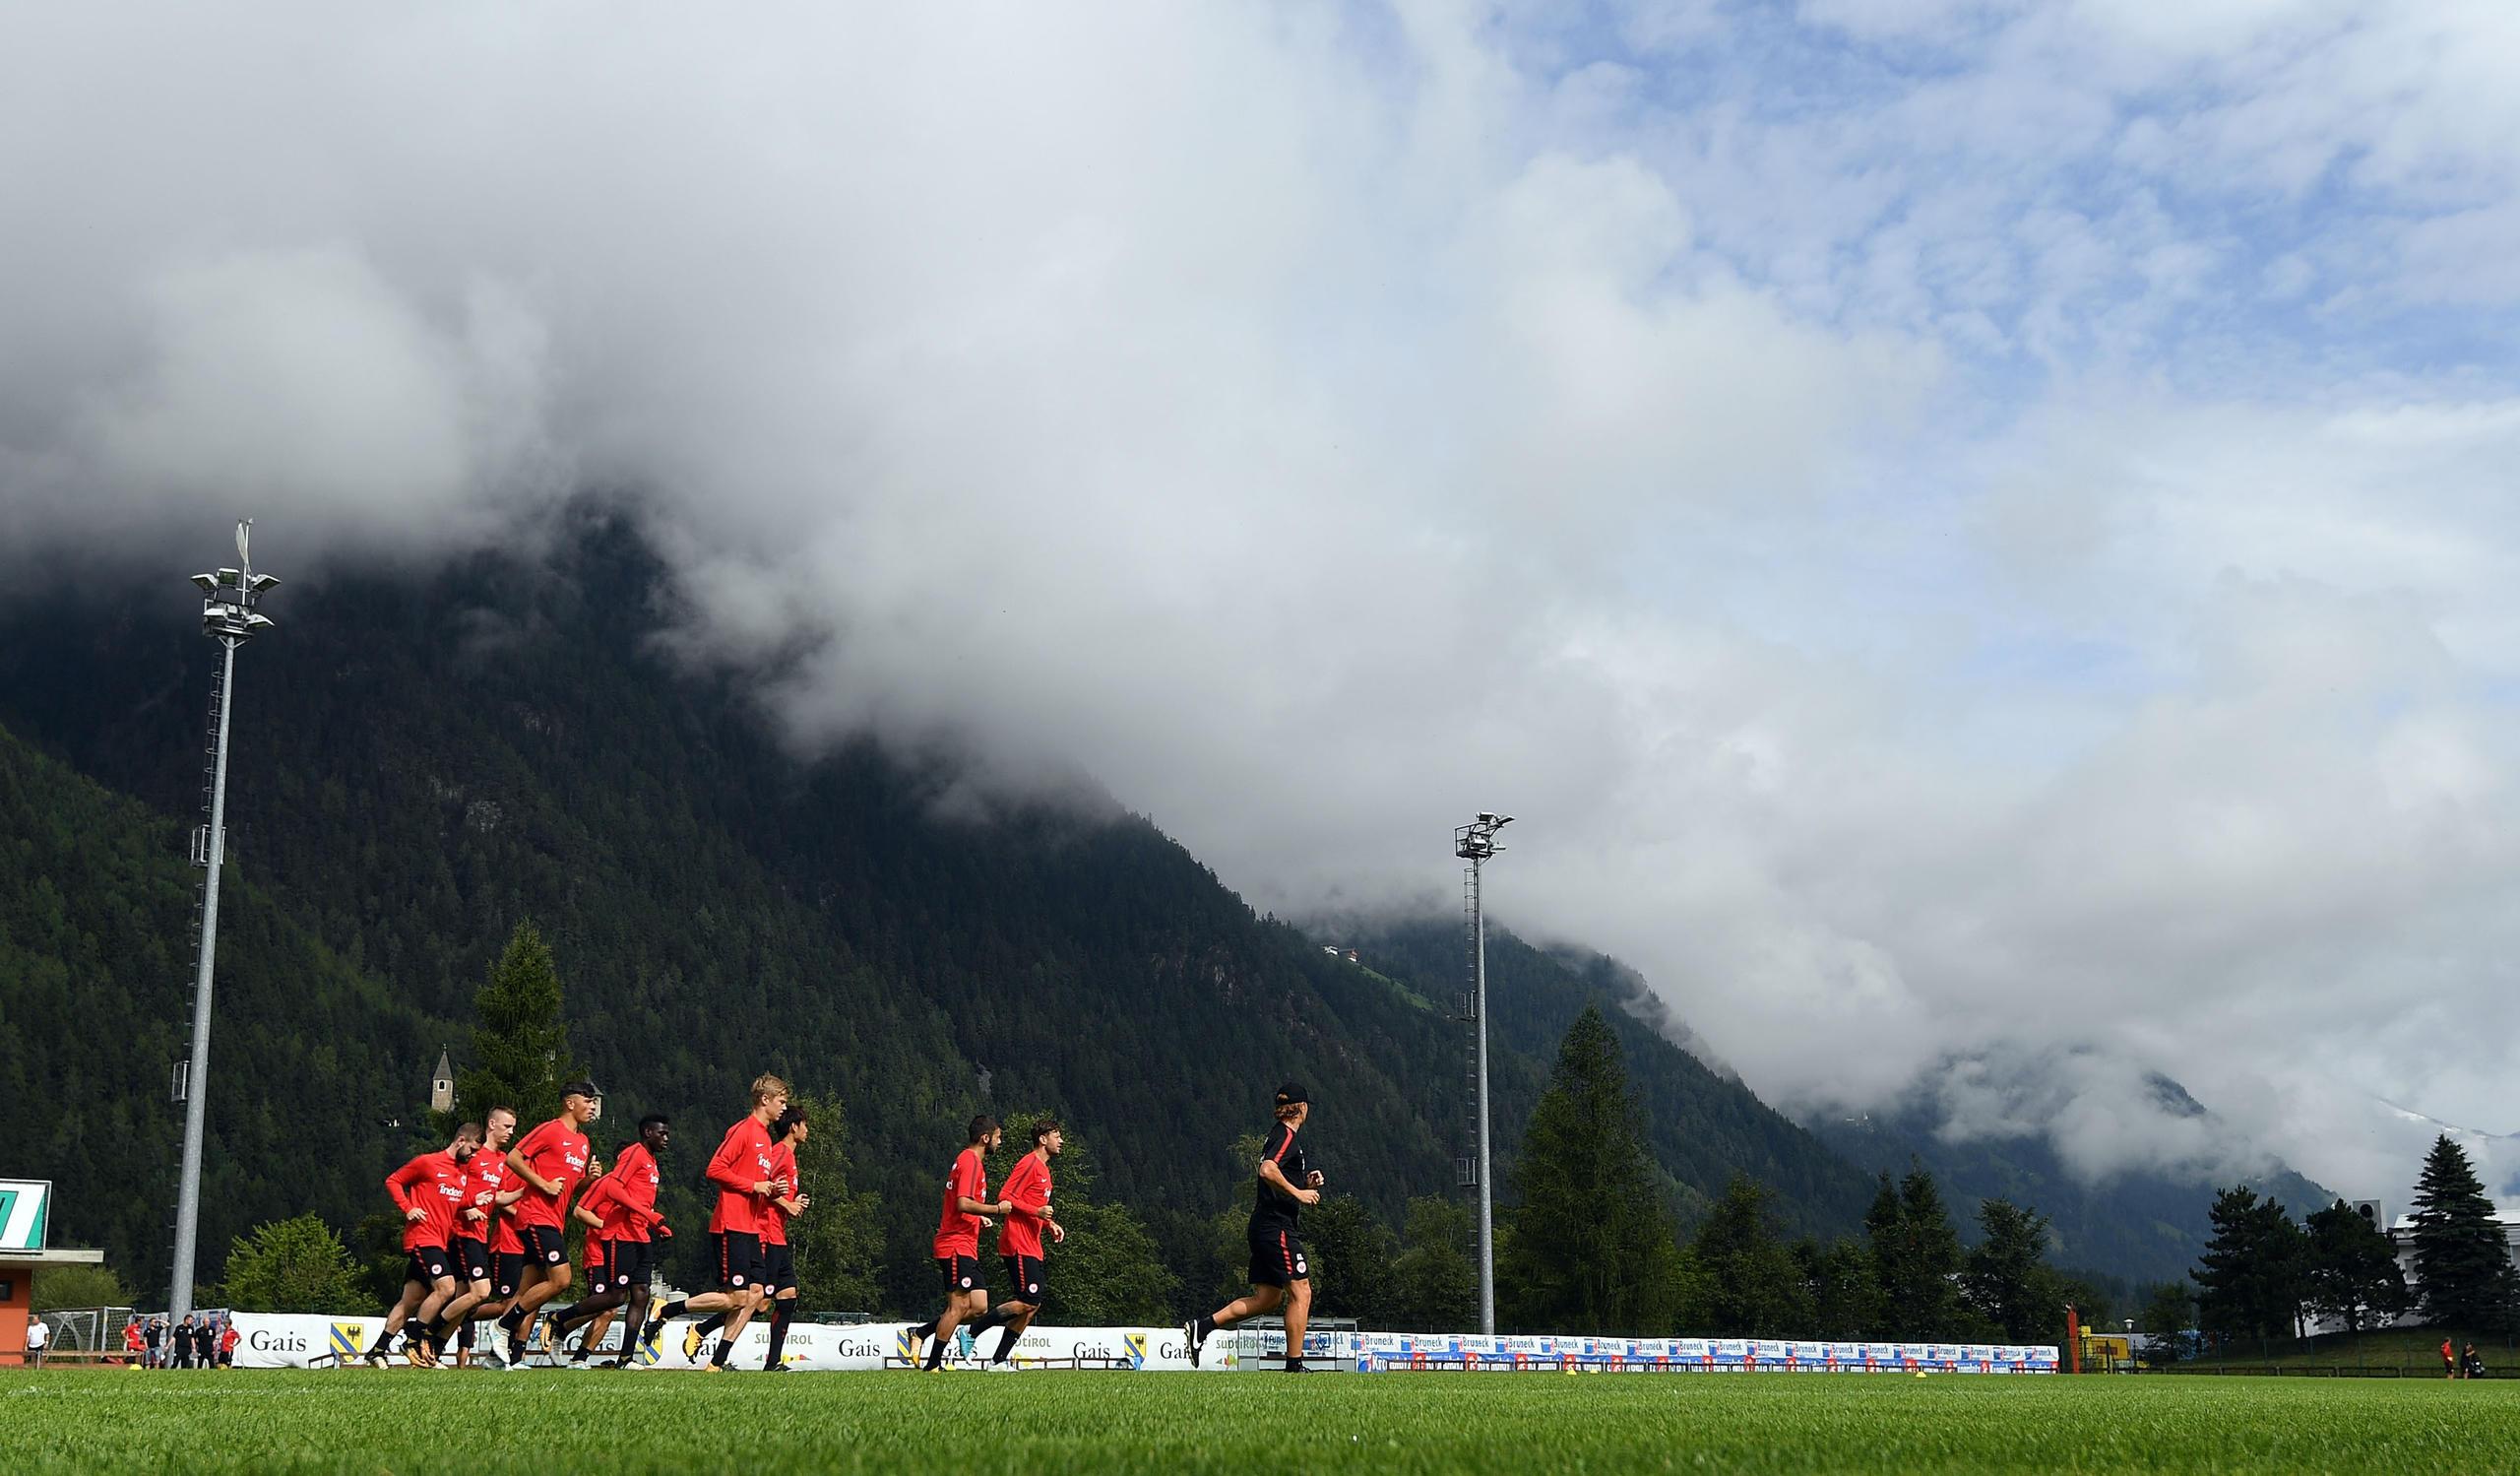 Vom 26. Juli bis 4. August reist die Mannschaft ins zweite Trainingslager nach Österreich